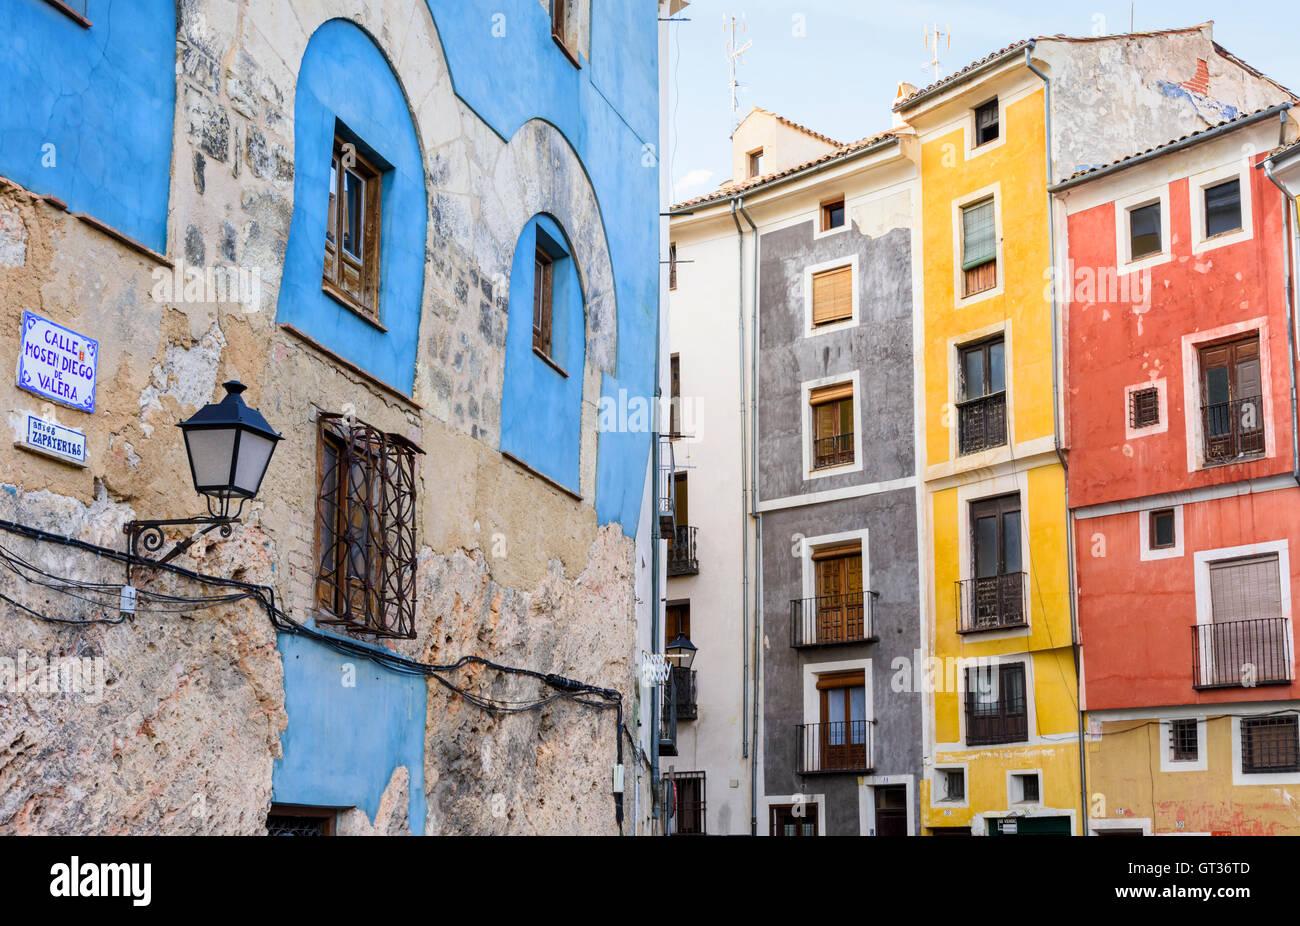 Bunte Häuser von Calle Mosen Diego de Valera und Alfonso VIII Street, Cuenca, Castilla La Mancha, Spanien Stockbild